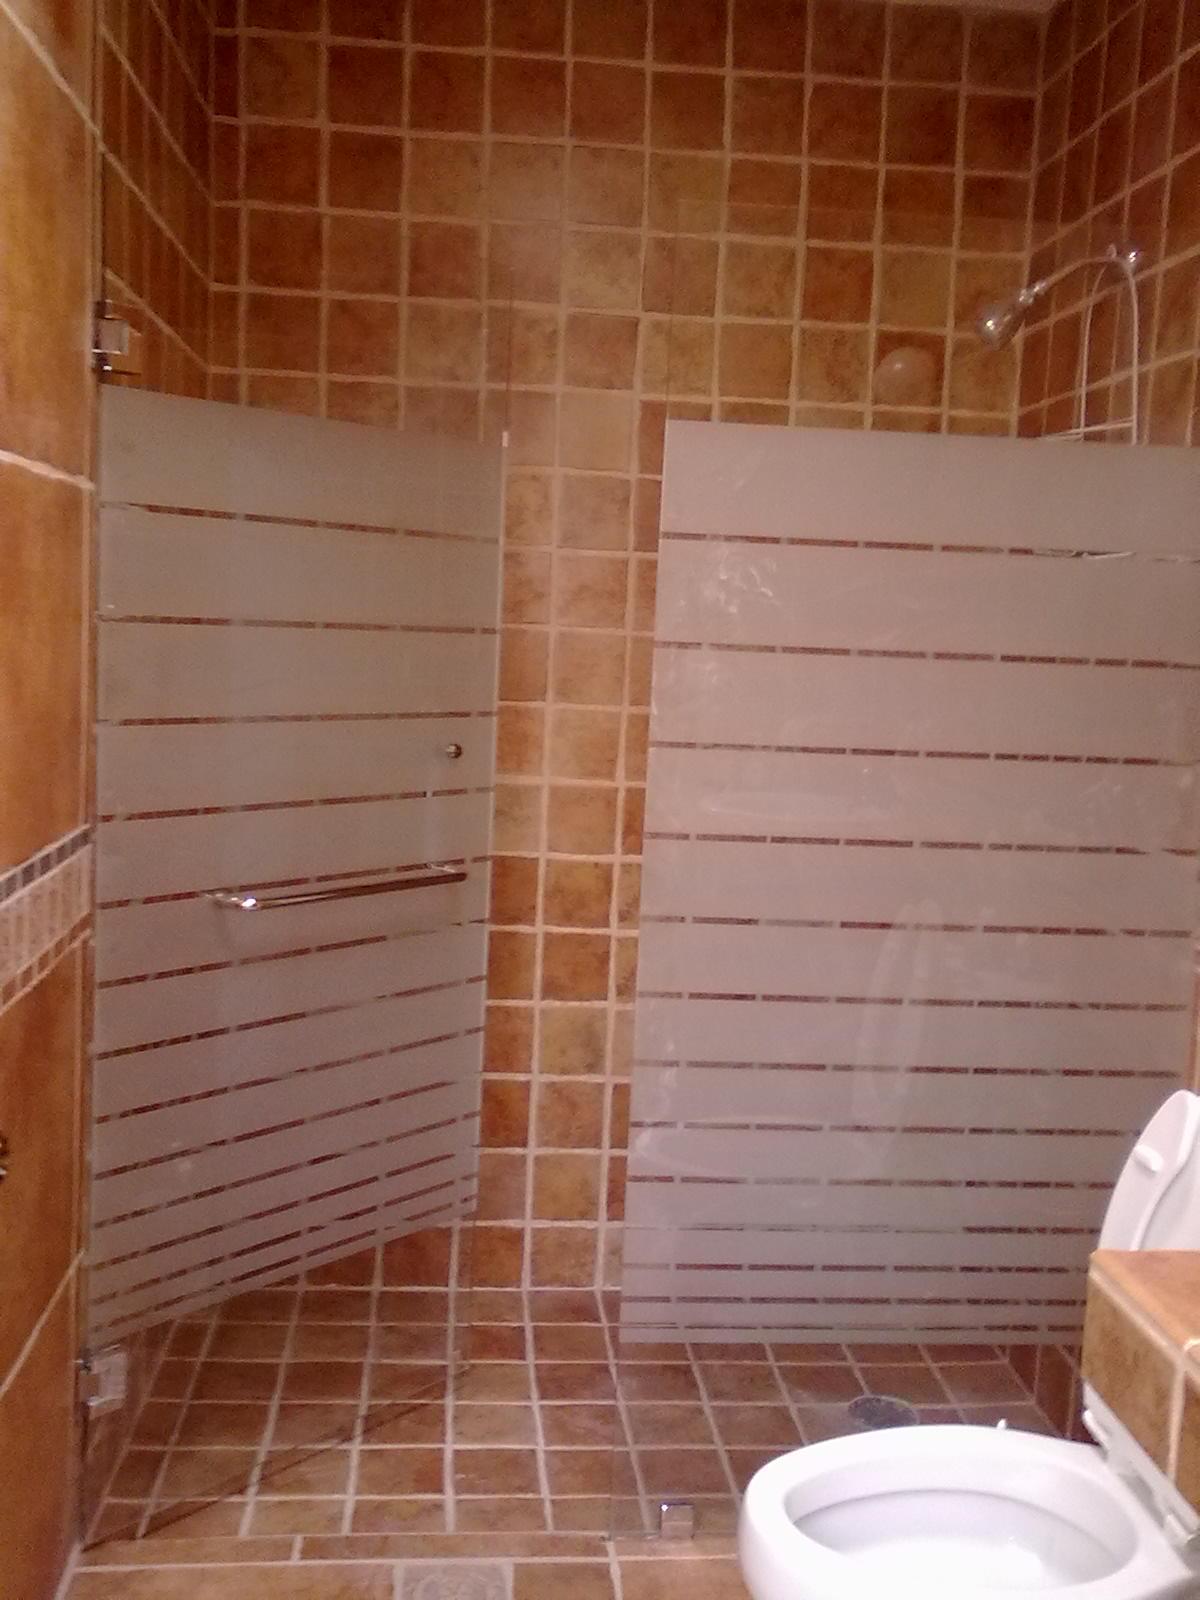 Puertas De Baño Imagenes:Fotos De Canceles Para Bano Puertas Ventanas Mosquiteros Aluminio